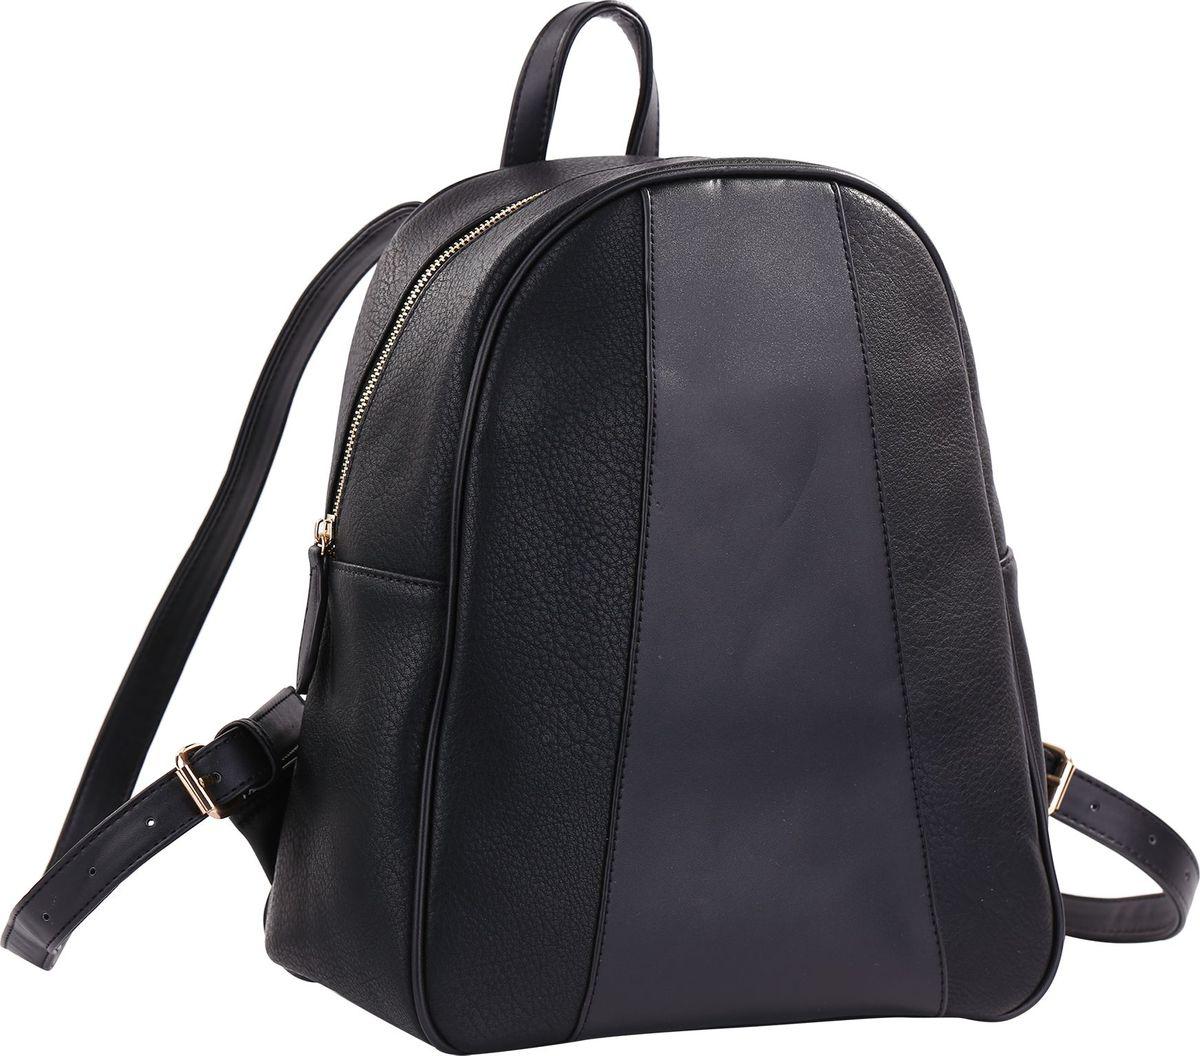 Рюкзак женский Pola, цвет: черный. 7832778327Стильная женская сумка-рюкзак Pola выполнена из экокожи и имеет одно основное отделение, которое закрывается на молнию. Внутри рюкзака один карман на молнии и два открытых кармана. Сзади рюкзака также есть карман на молнии. Лямки регулируются по длине.